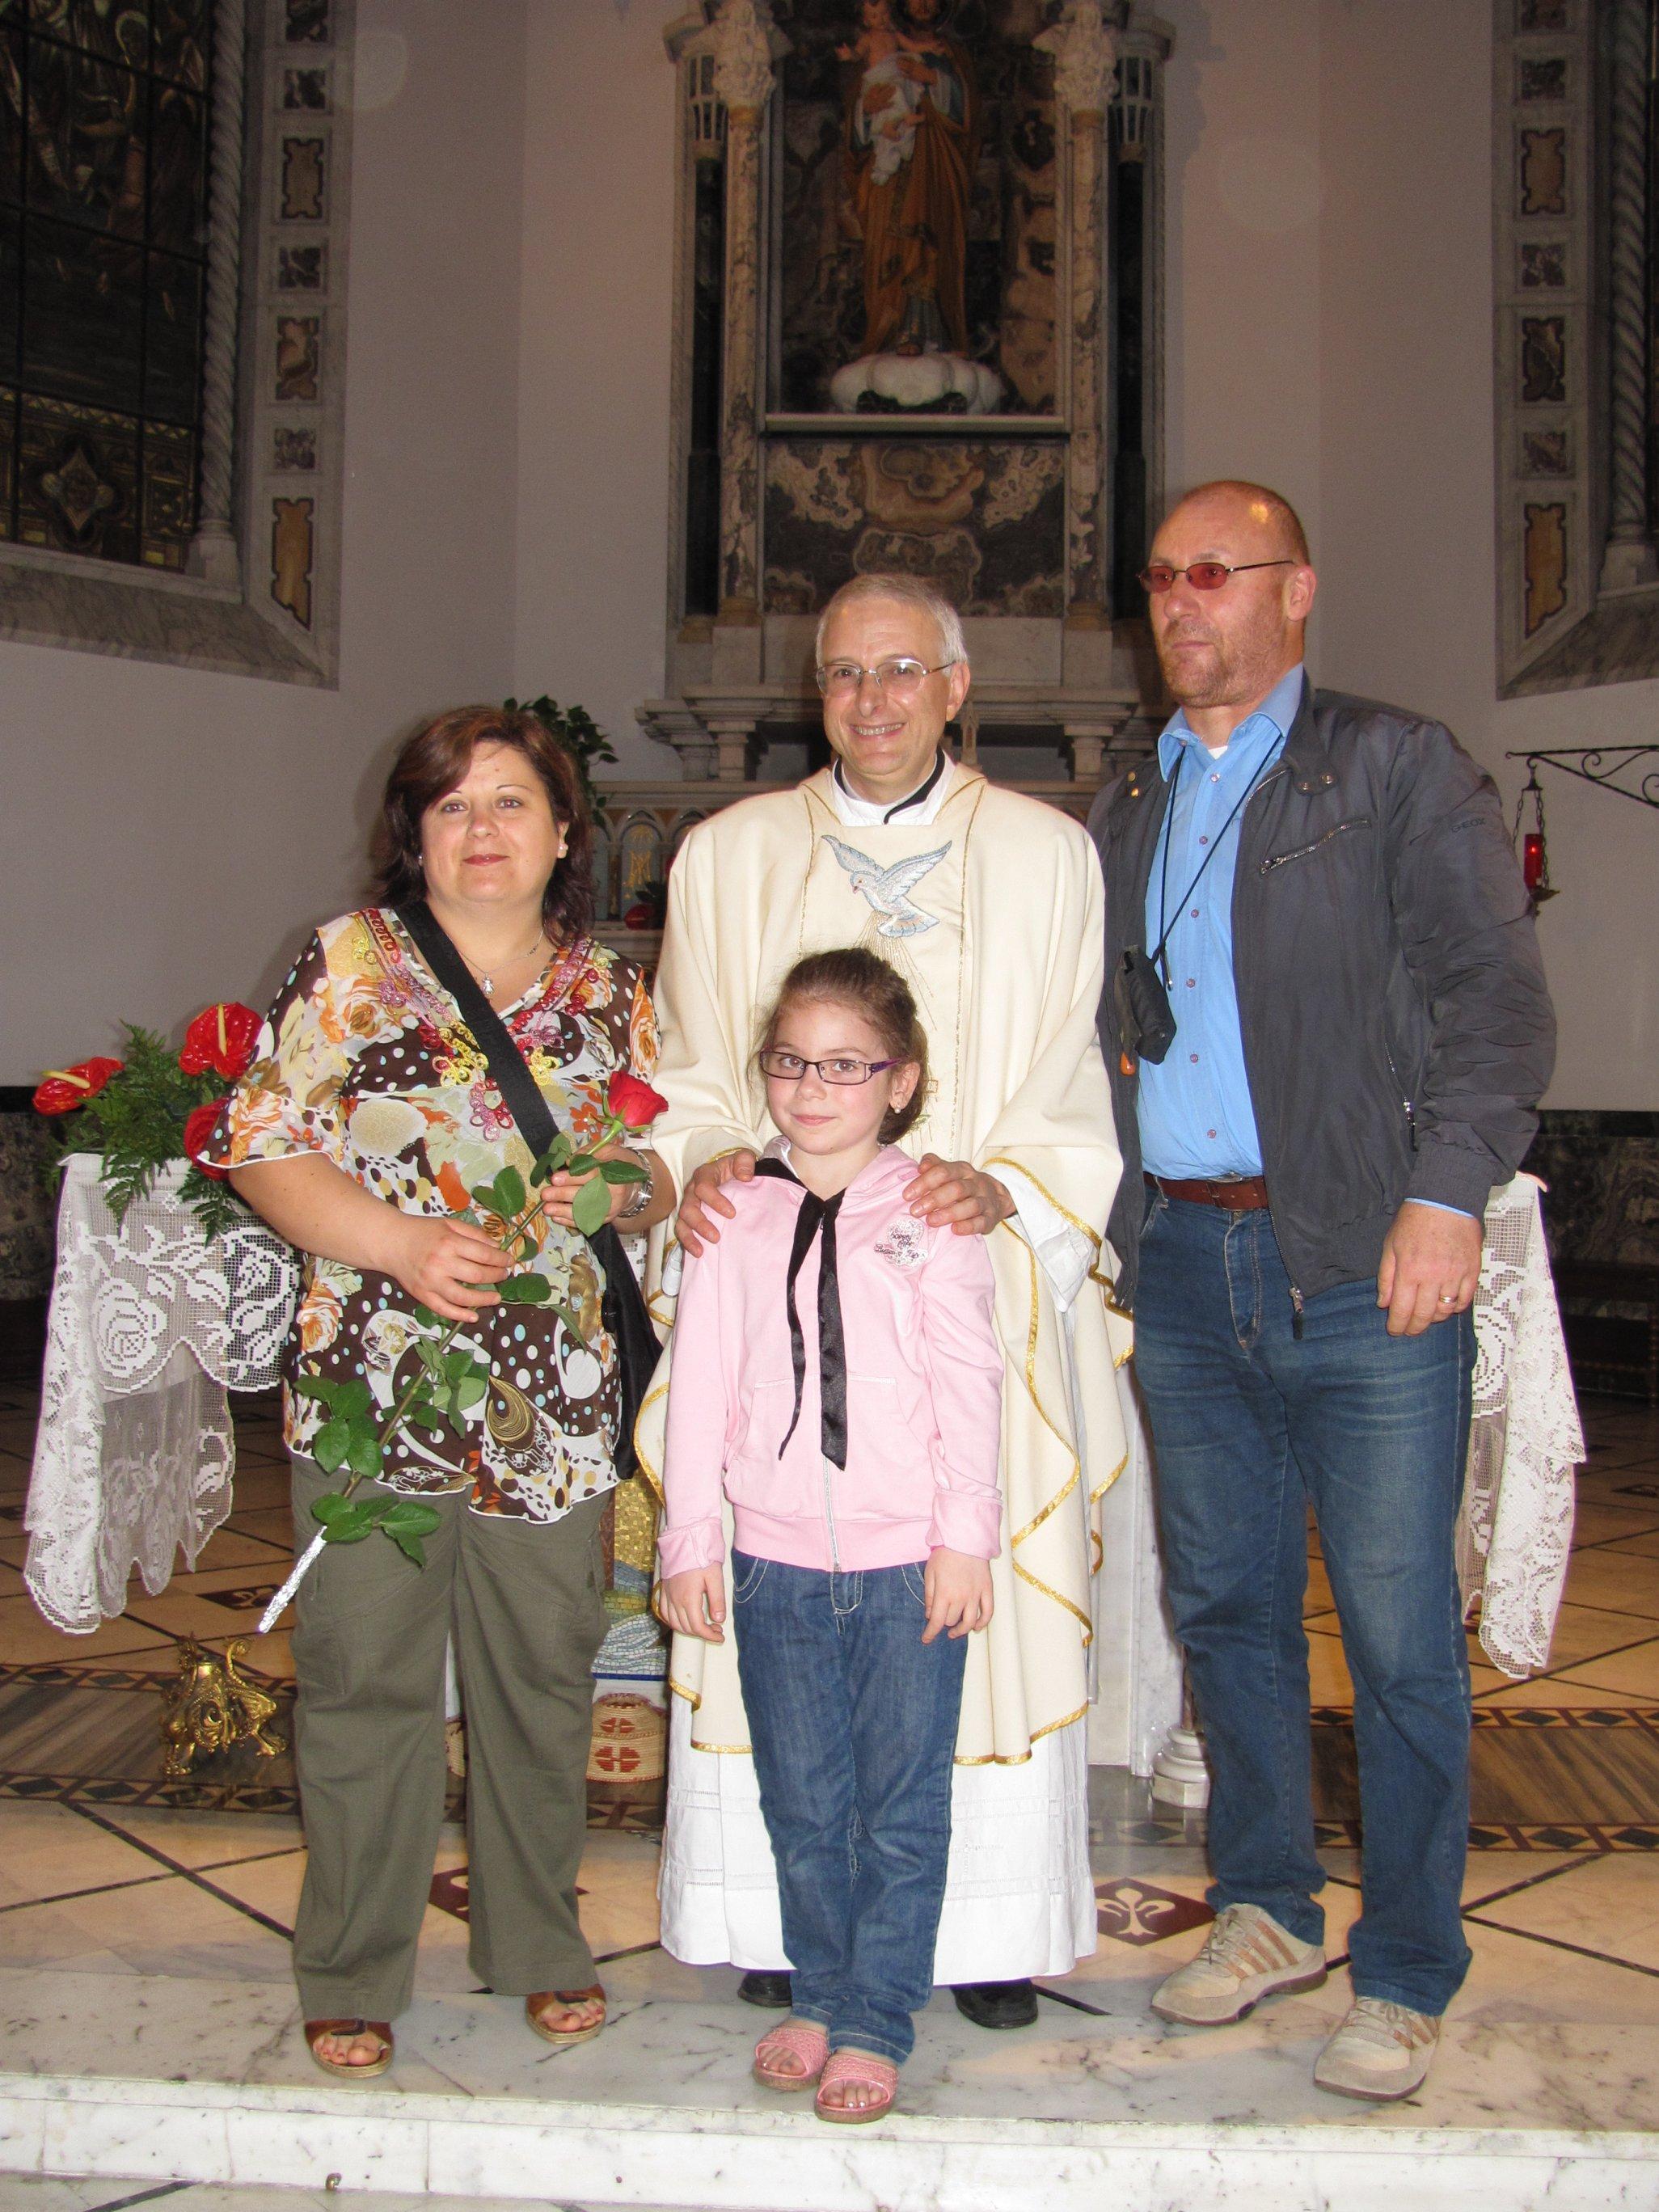 anniversari_di_matrimonio_e_di_ordinazione_2012-06-03-11-31-33